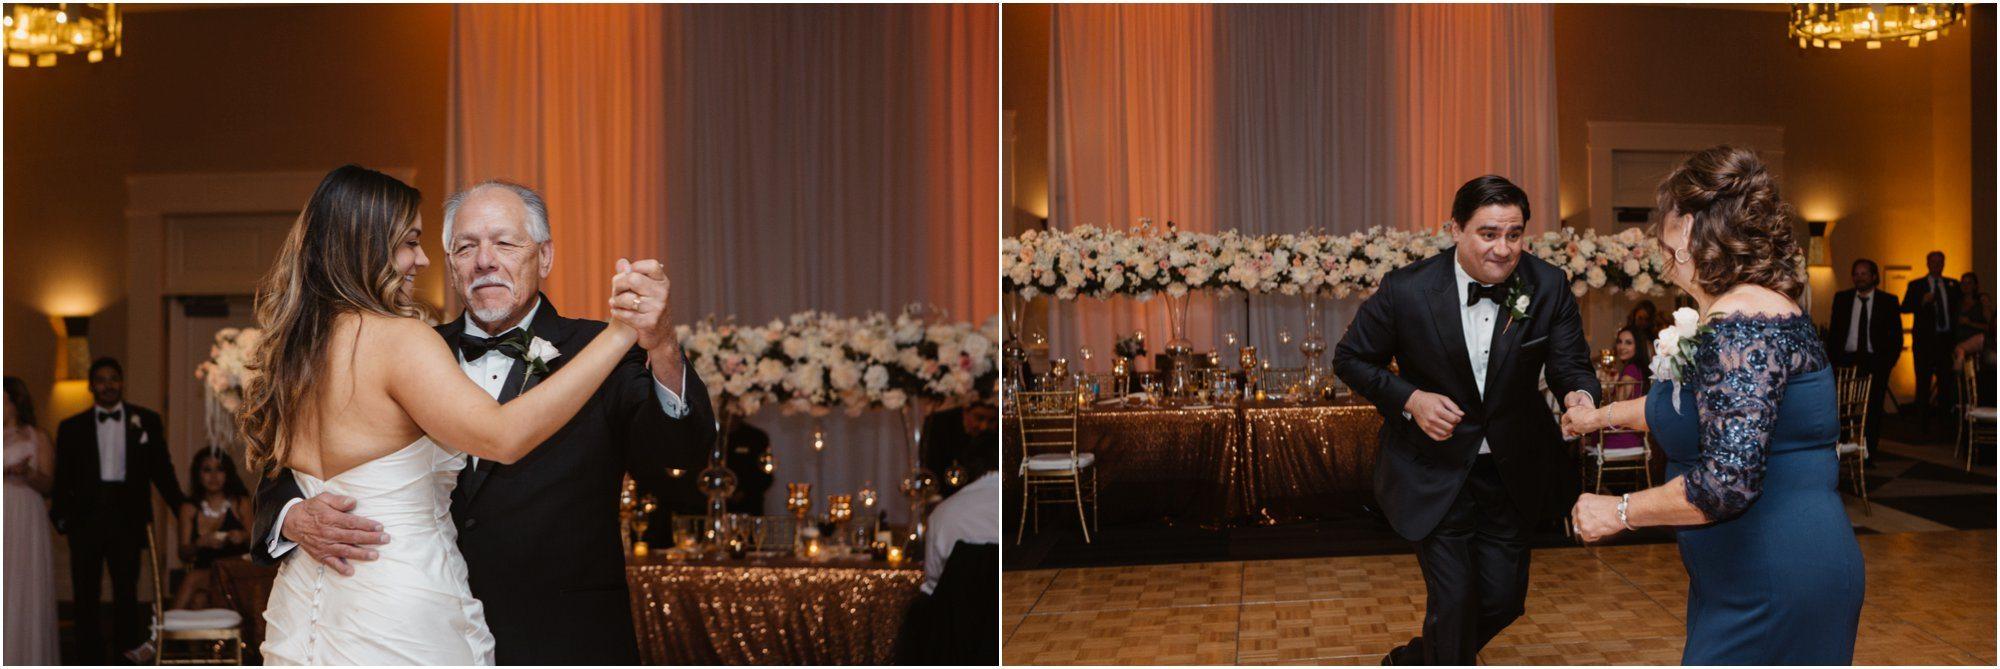 0056albuquerque-wedding-photographer_-santa-fe-wedding-photography_blue-rose-studio